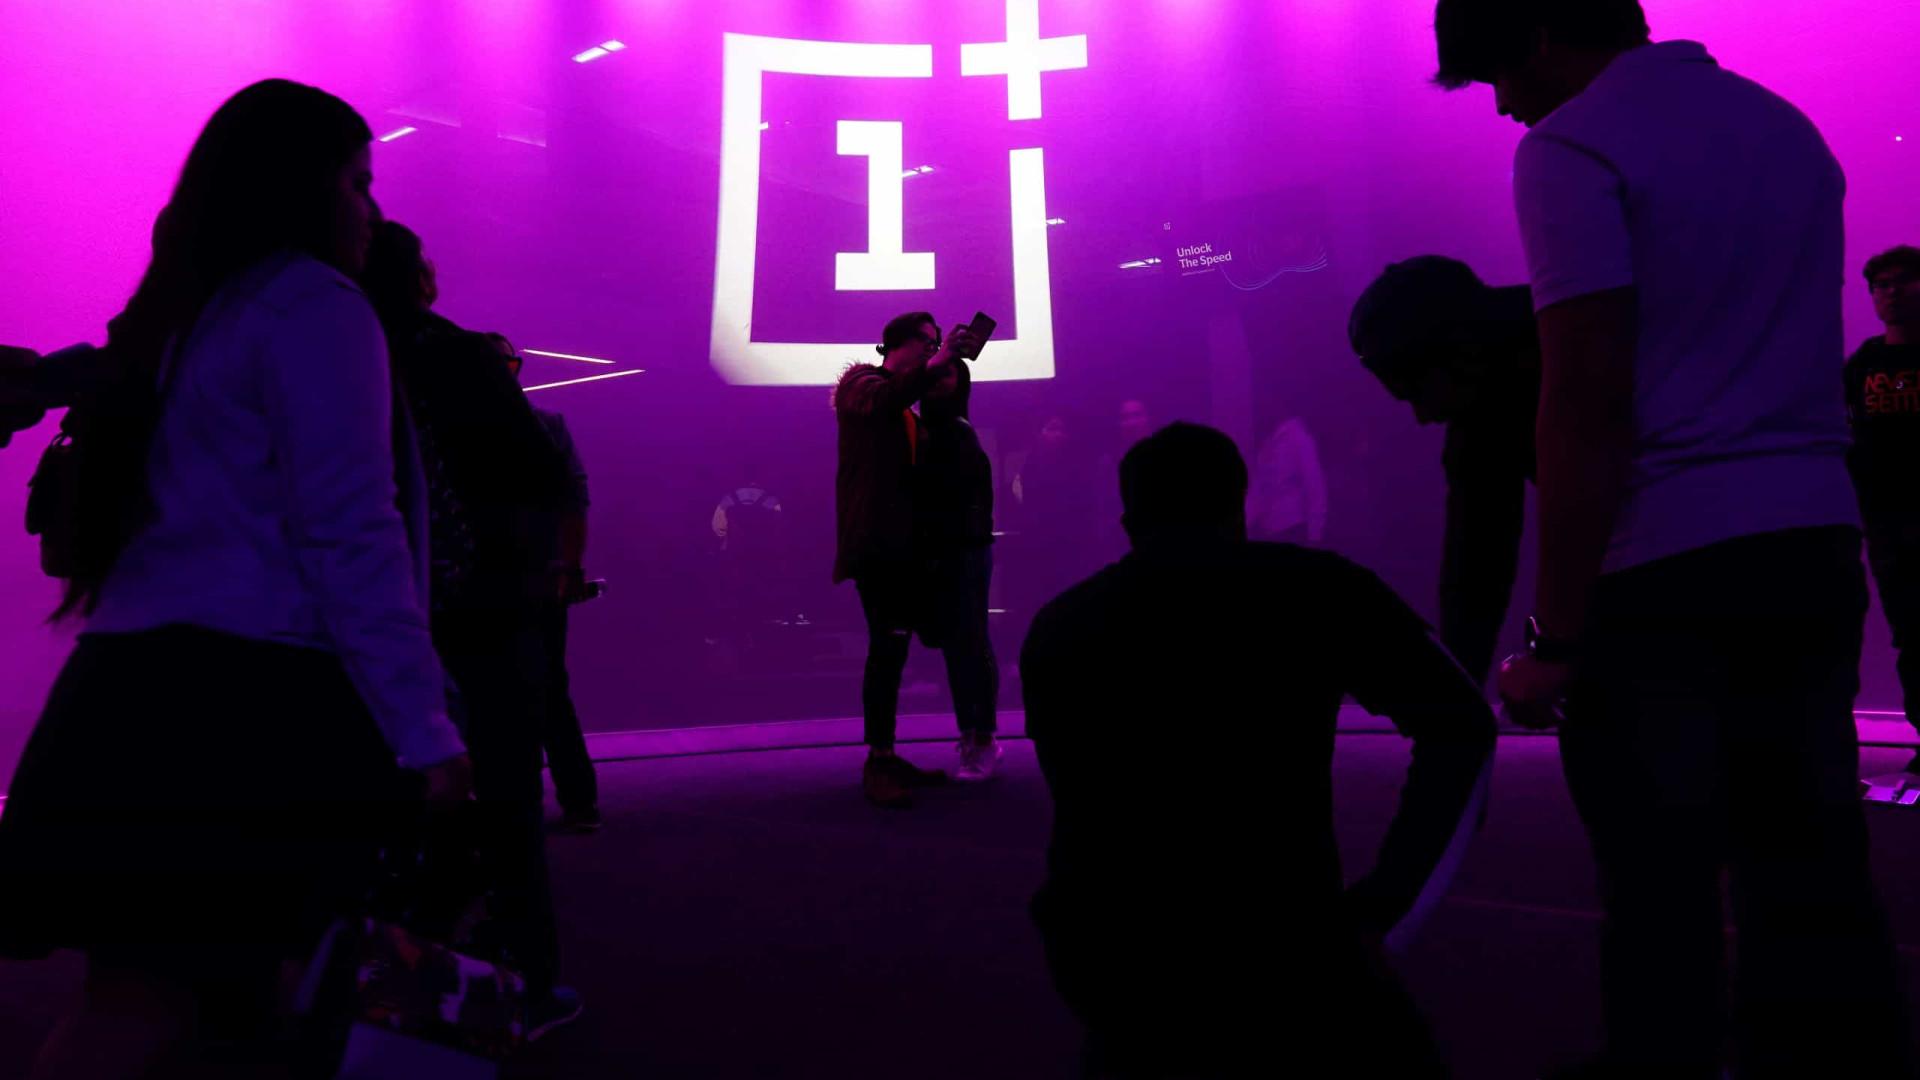 OnePlus confirma que dados de utilizadores foram comprometidos